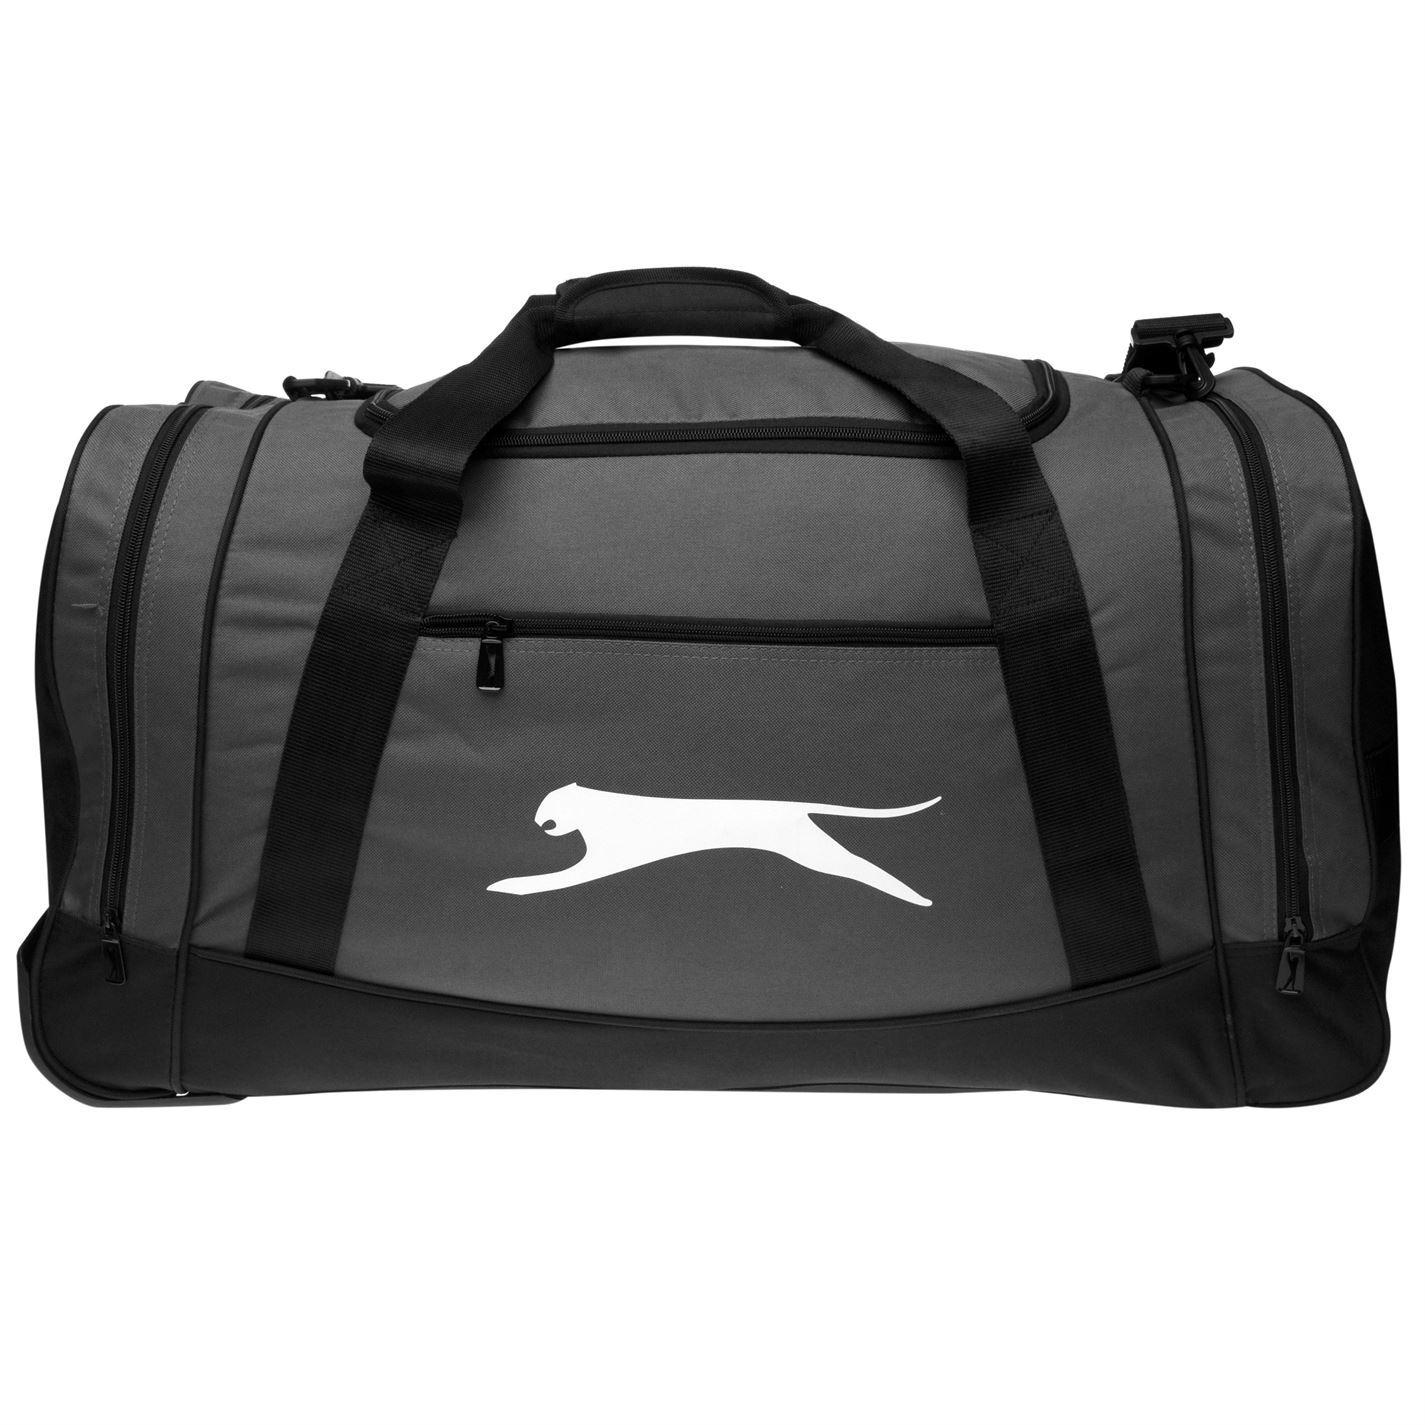 Slazenger Wheel Holdall Charcoal Sports Kit Bag Gymbag Carryall